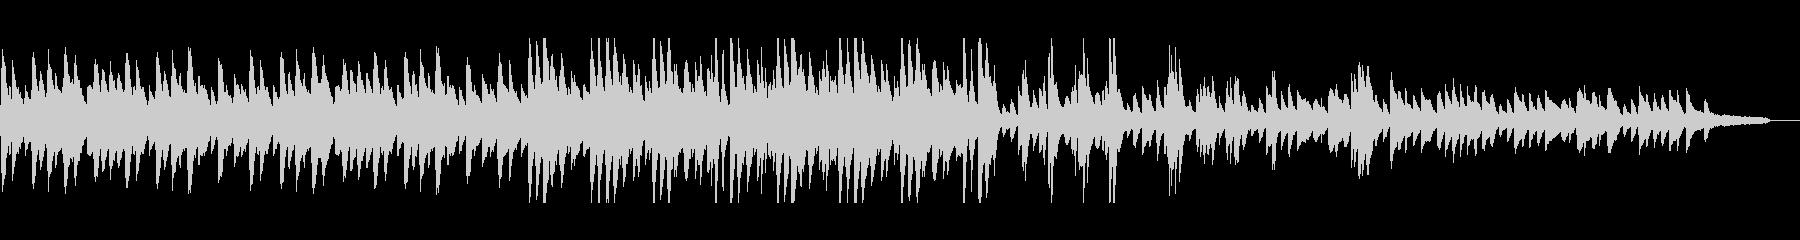 アンニュイでやや暖かみのあるピアノソロ の未再生の波形